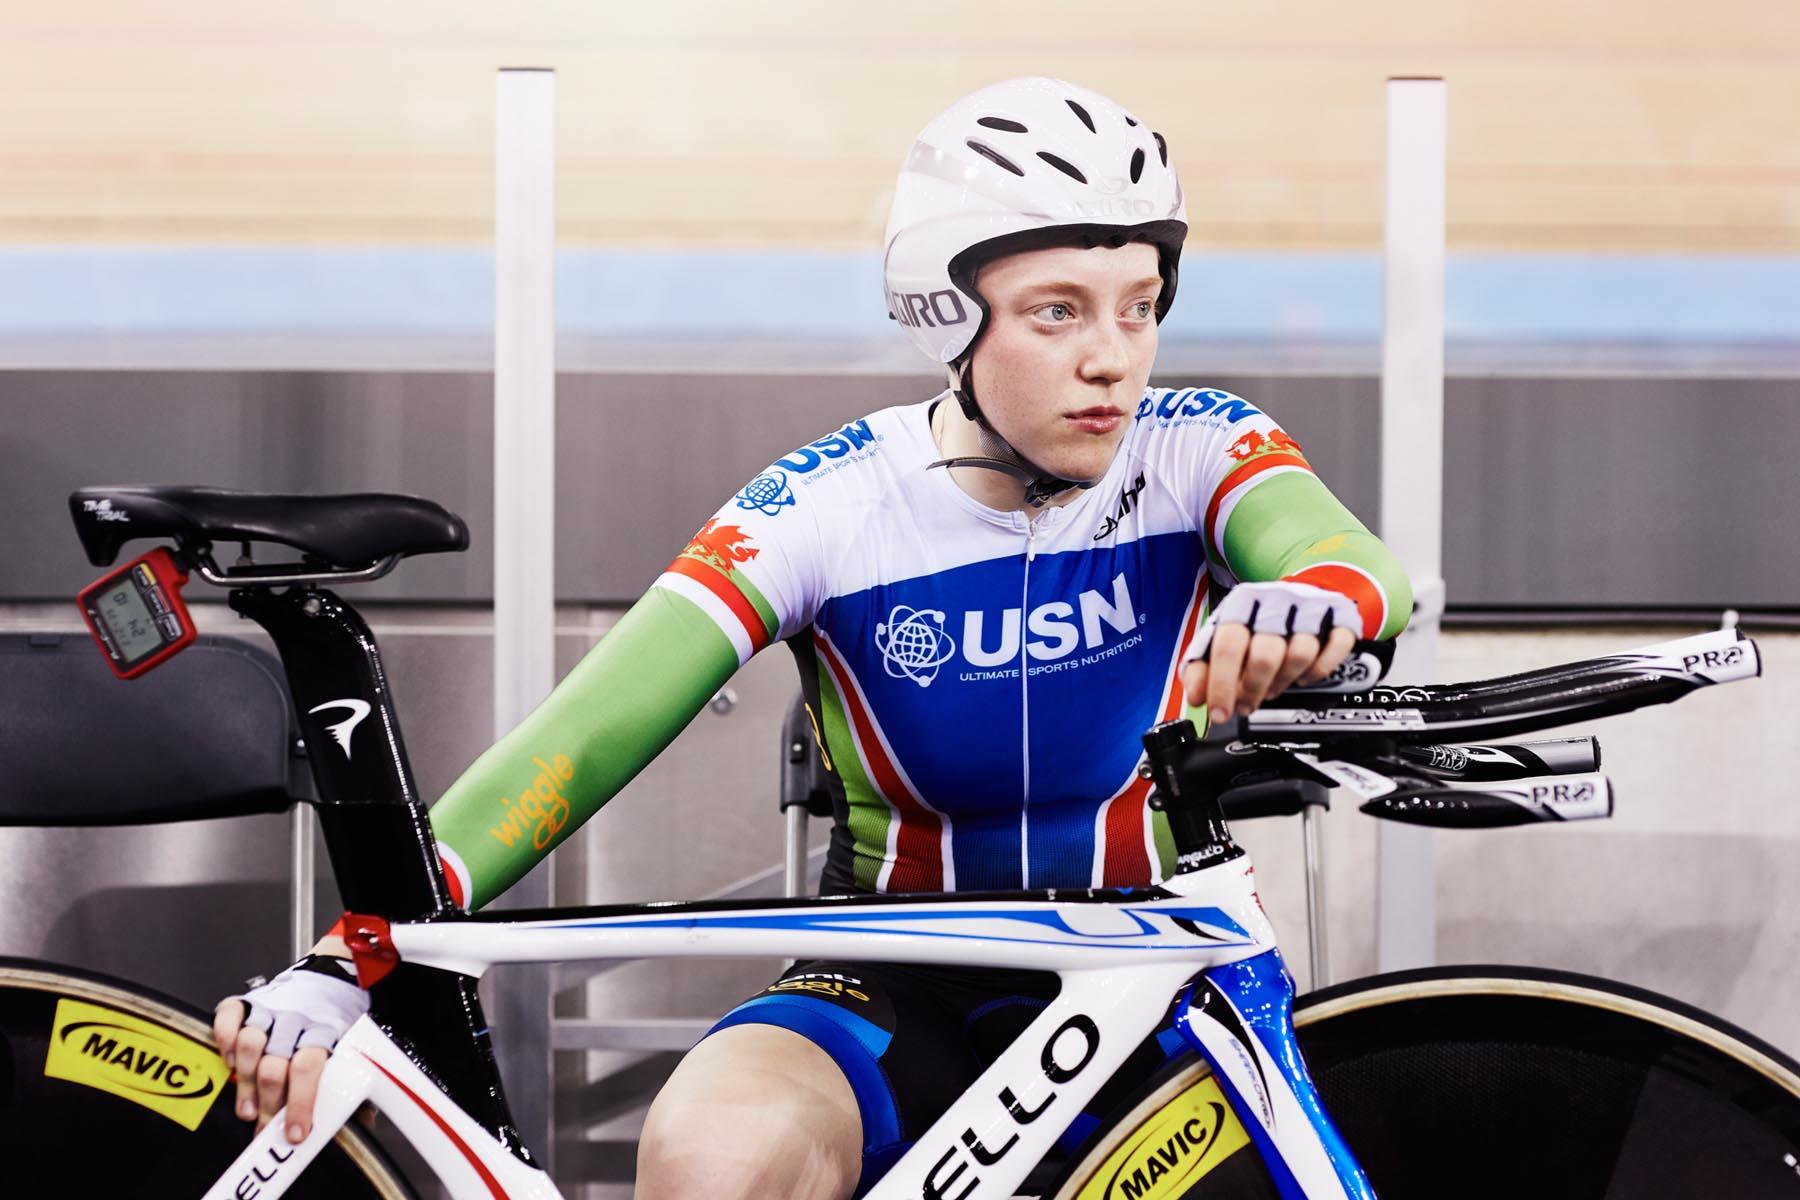 Duncan Nicholls Cyclist